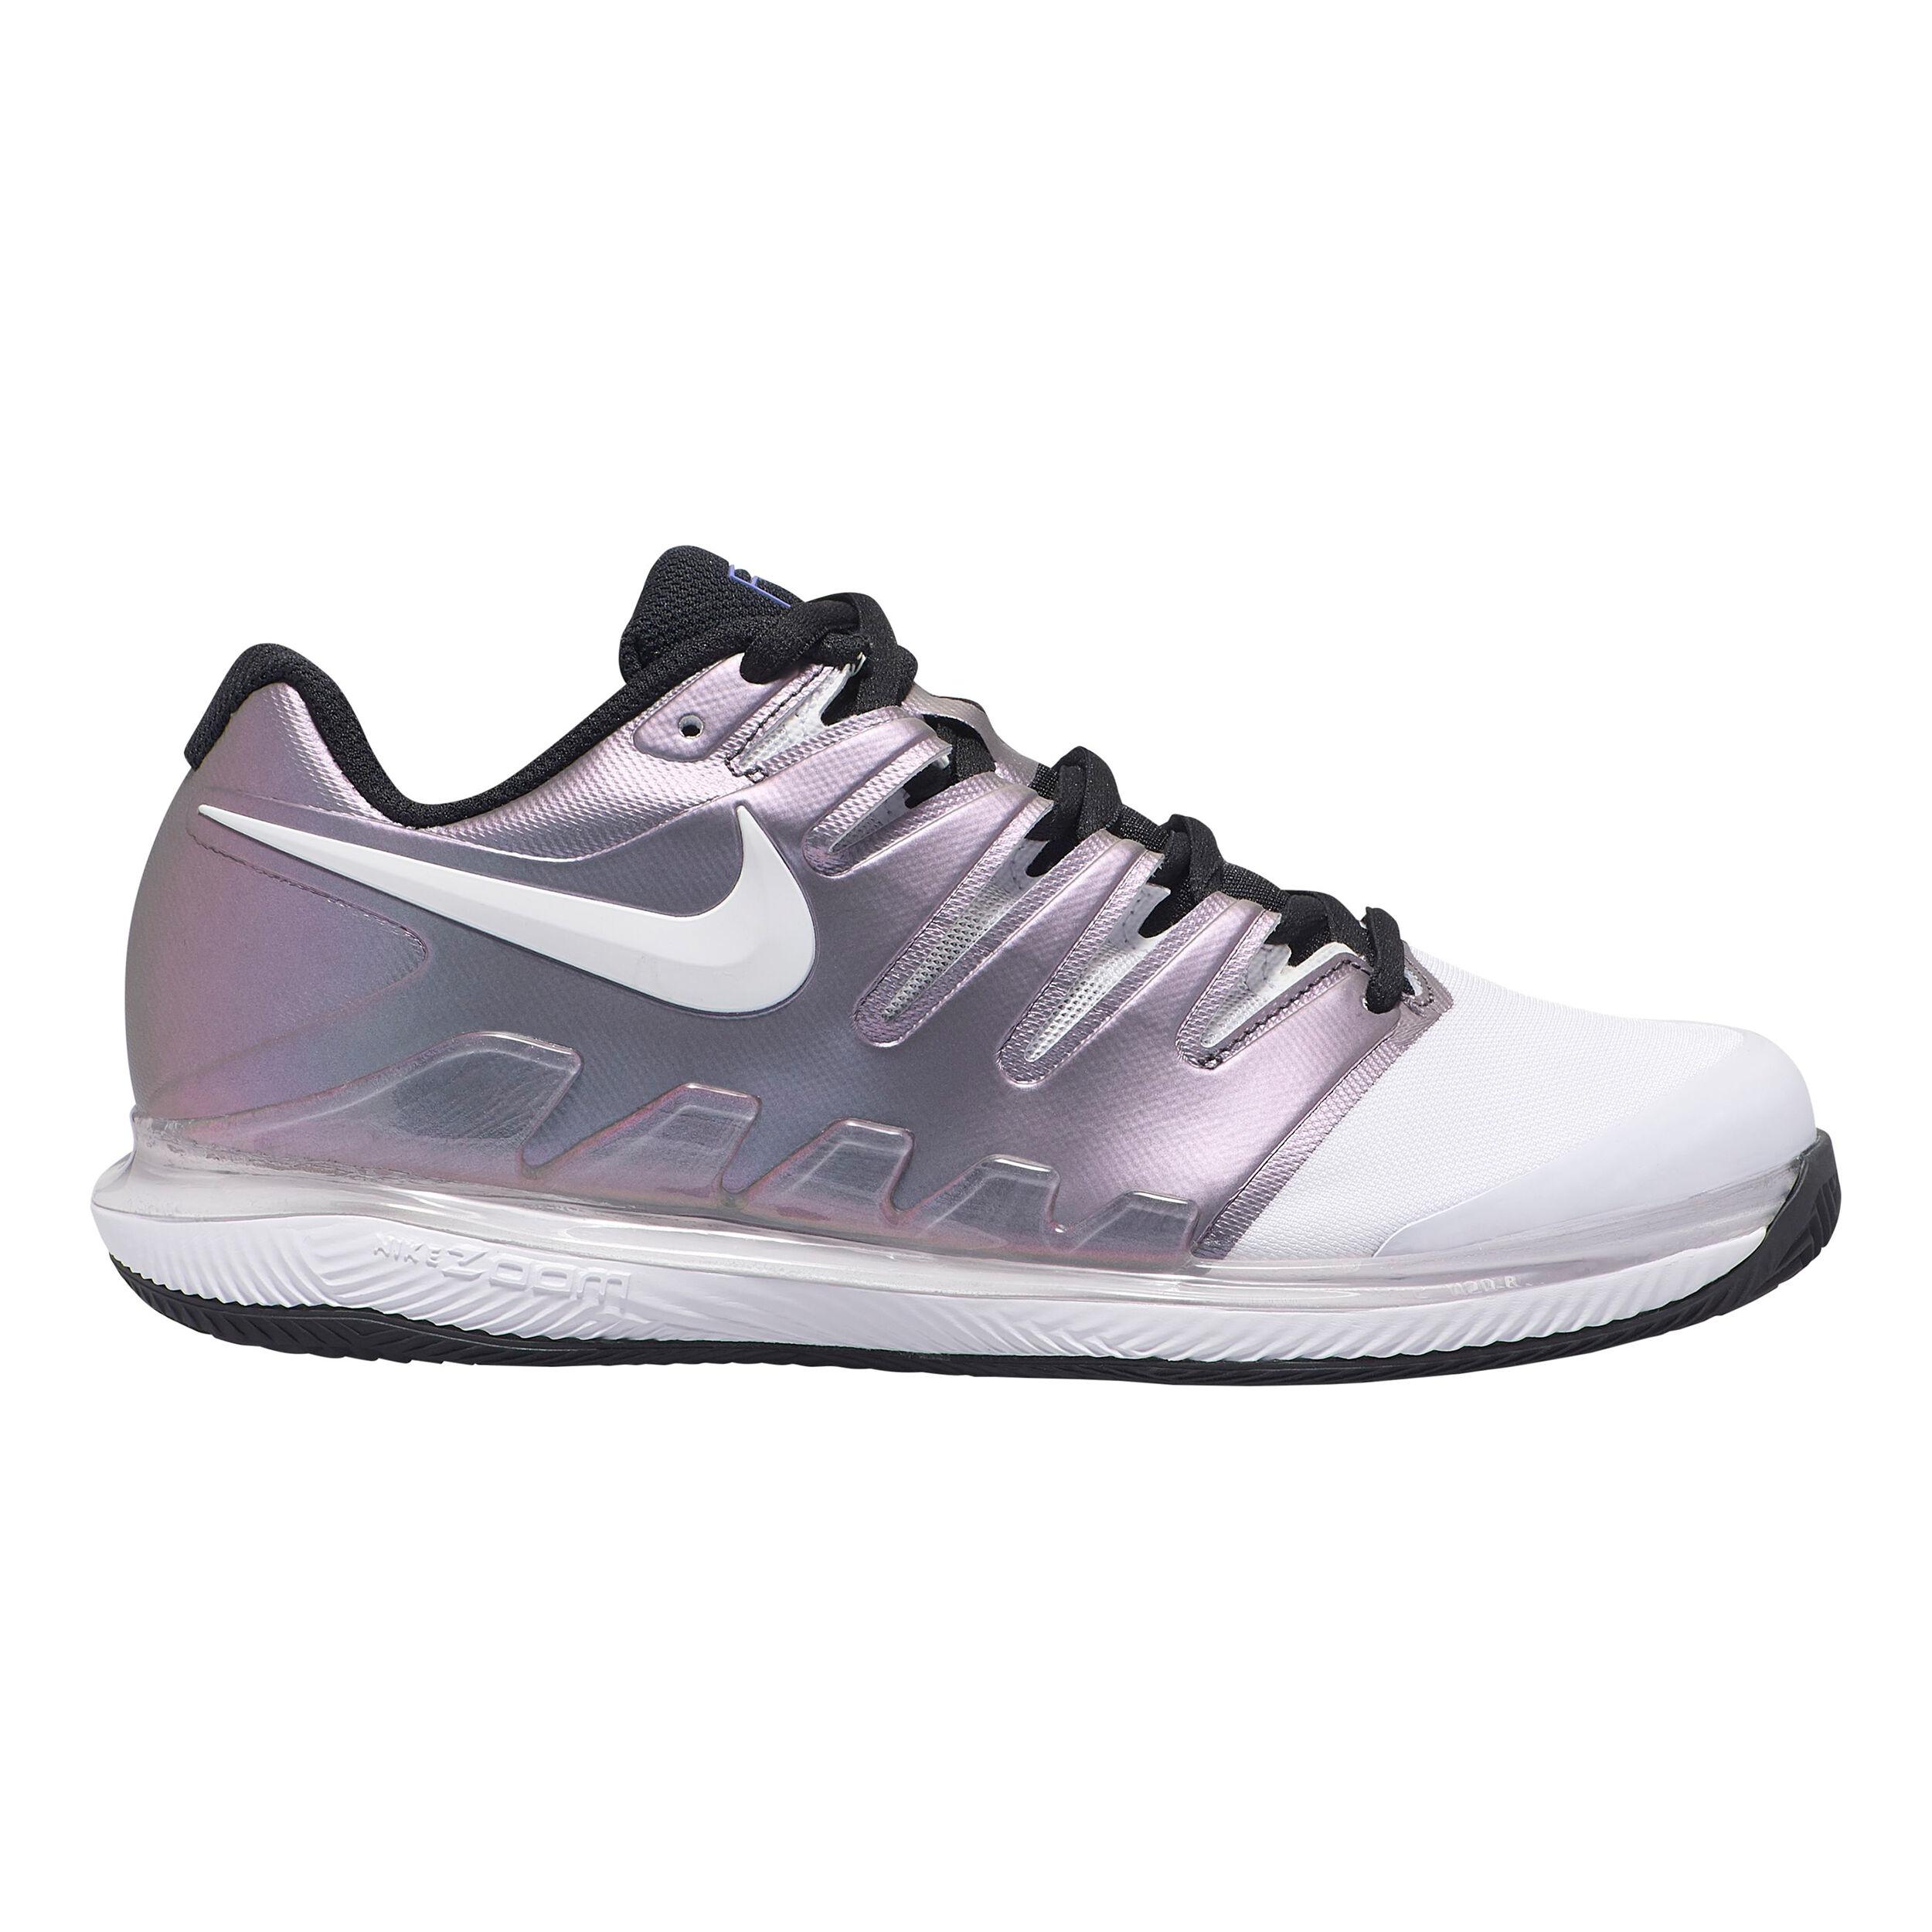 Nike Air Zoom Vapor X Clay Sandplatzschuh Damen Flieder, Weiß